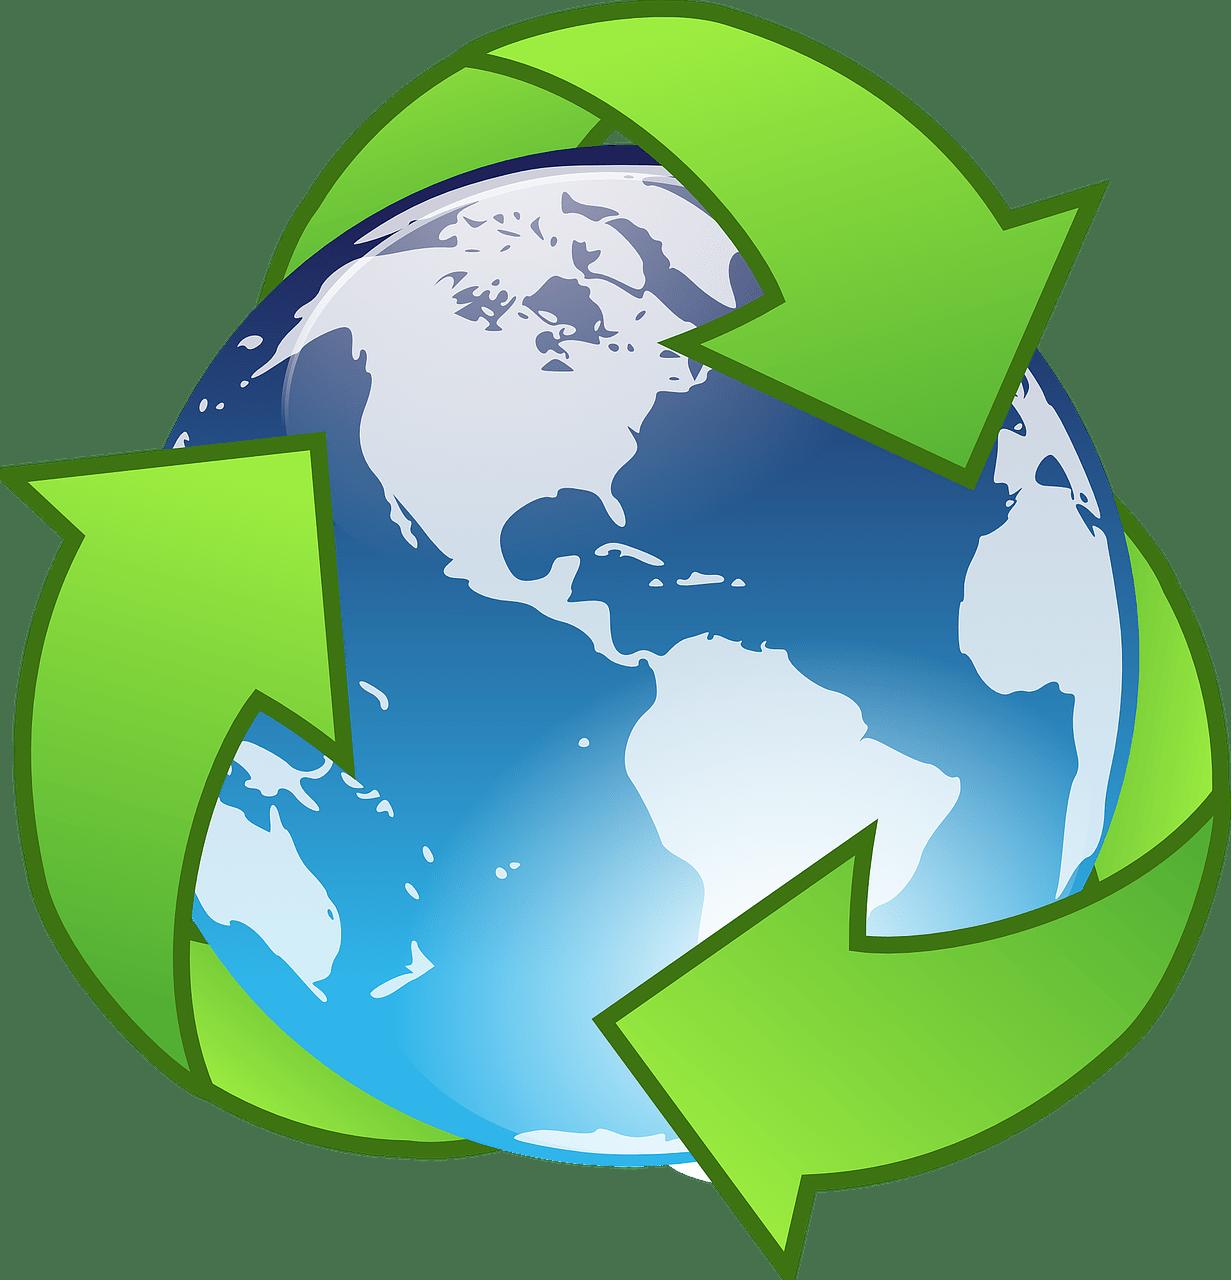 Vitago - Genbrug er vigtigt for miljøet - Miljøansvar